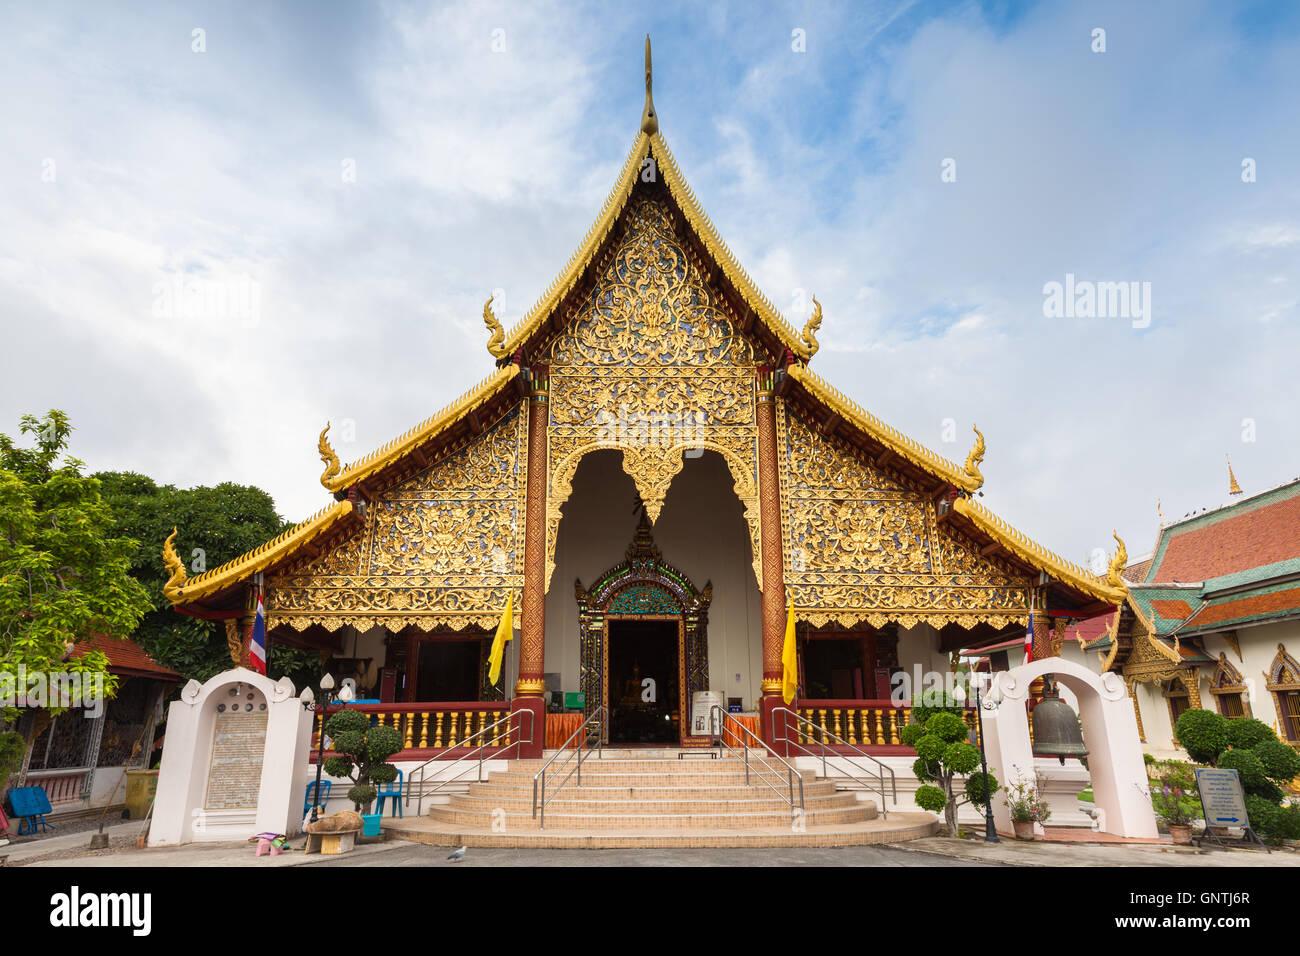 Wat Chiang Man, le plus vieux temple de Chiang Mai, Thaïlande Photo Stock